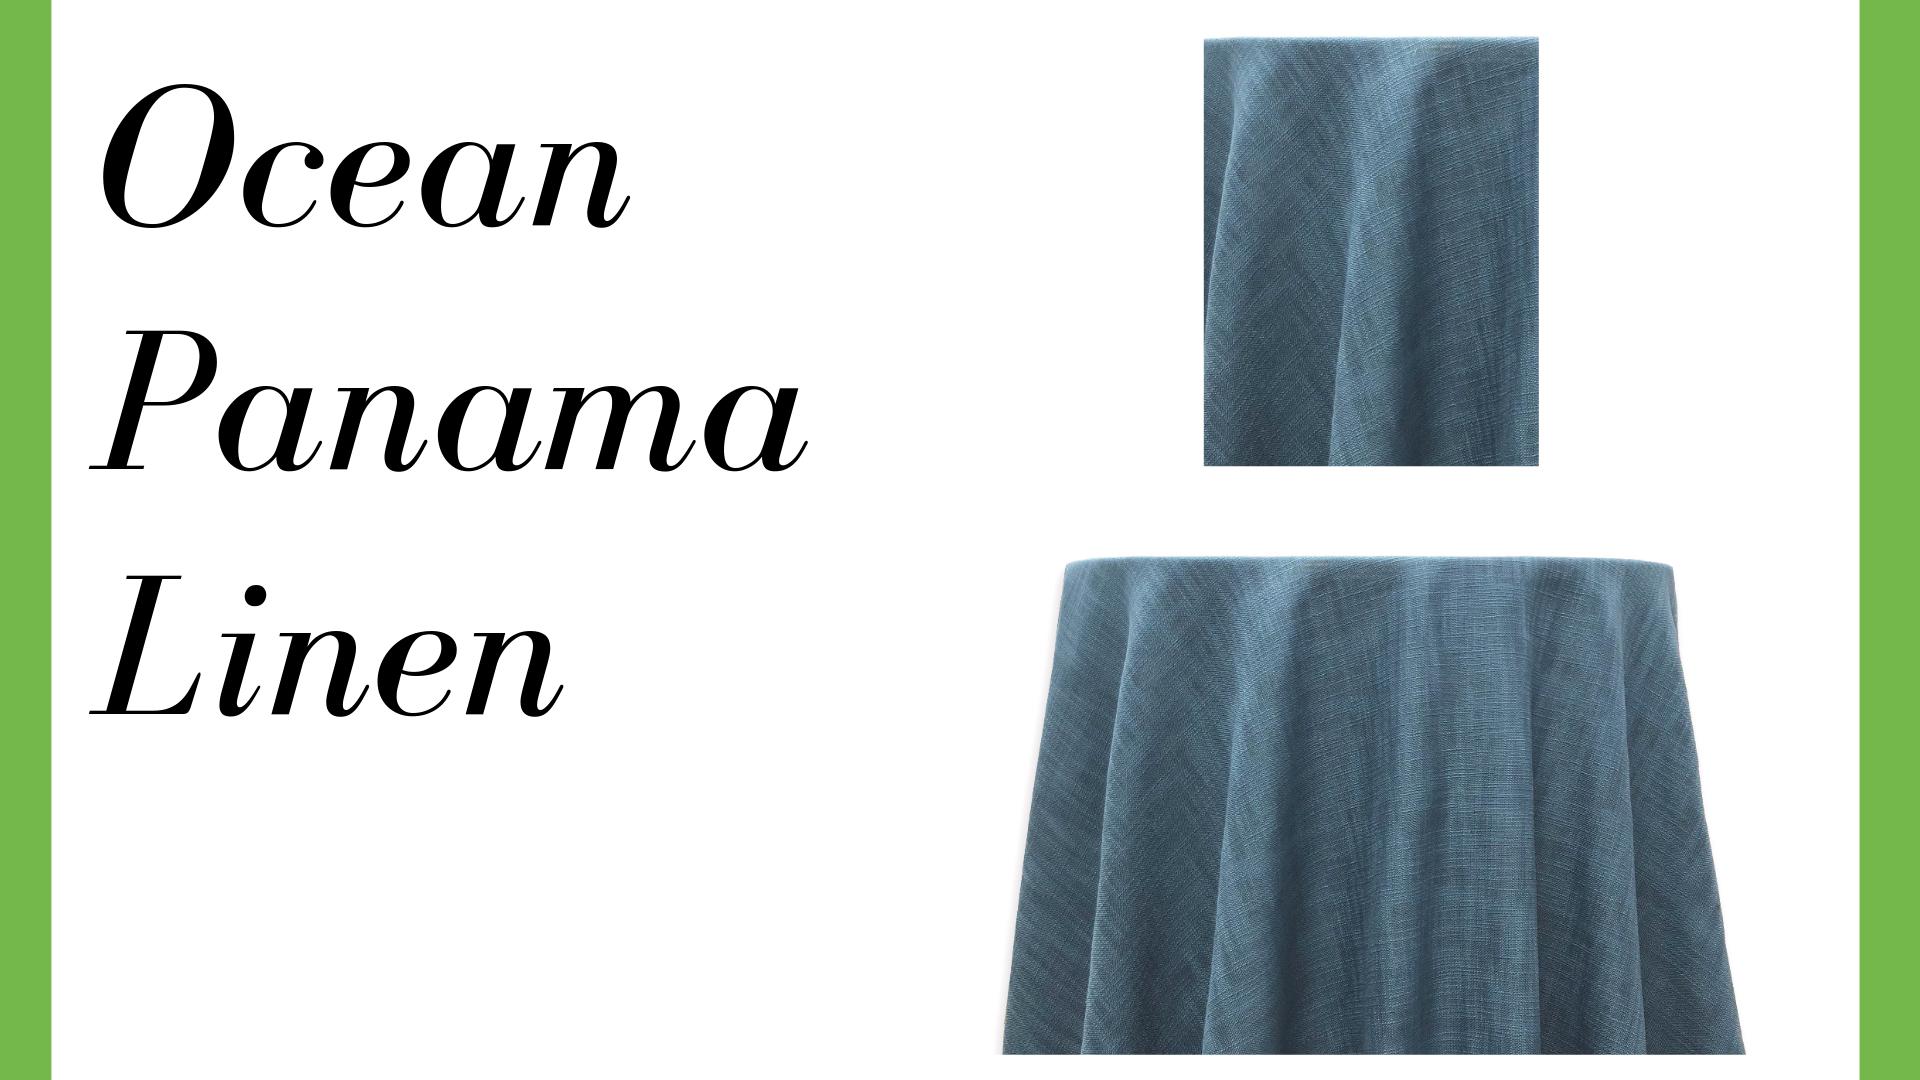 Ocean Panama Linen